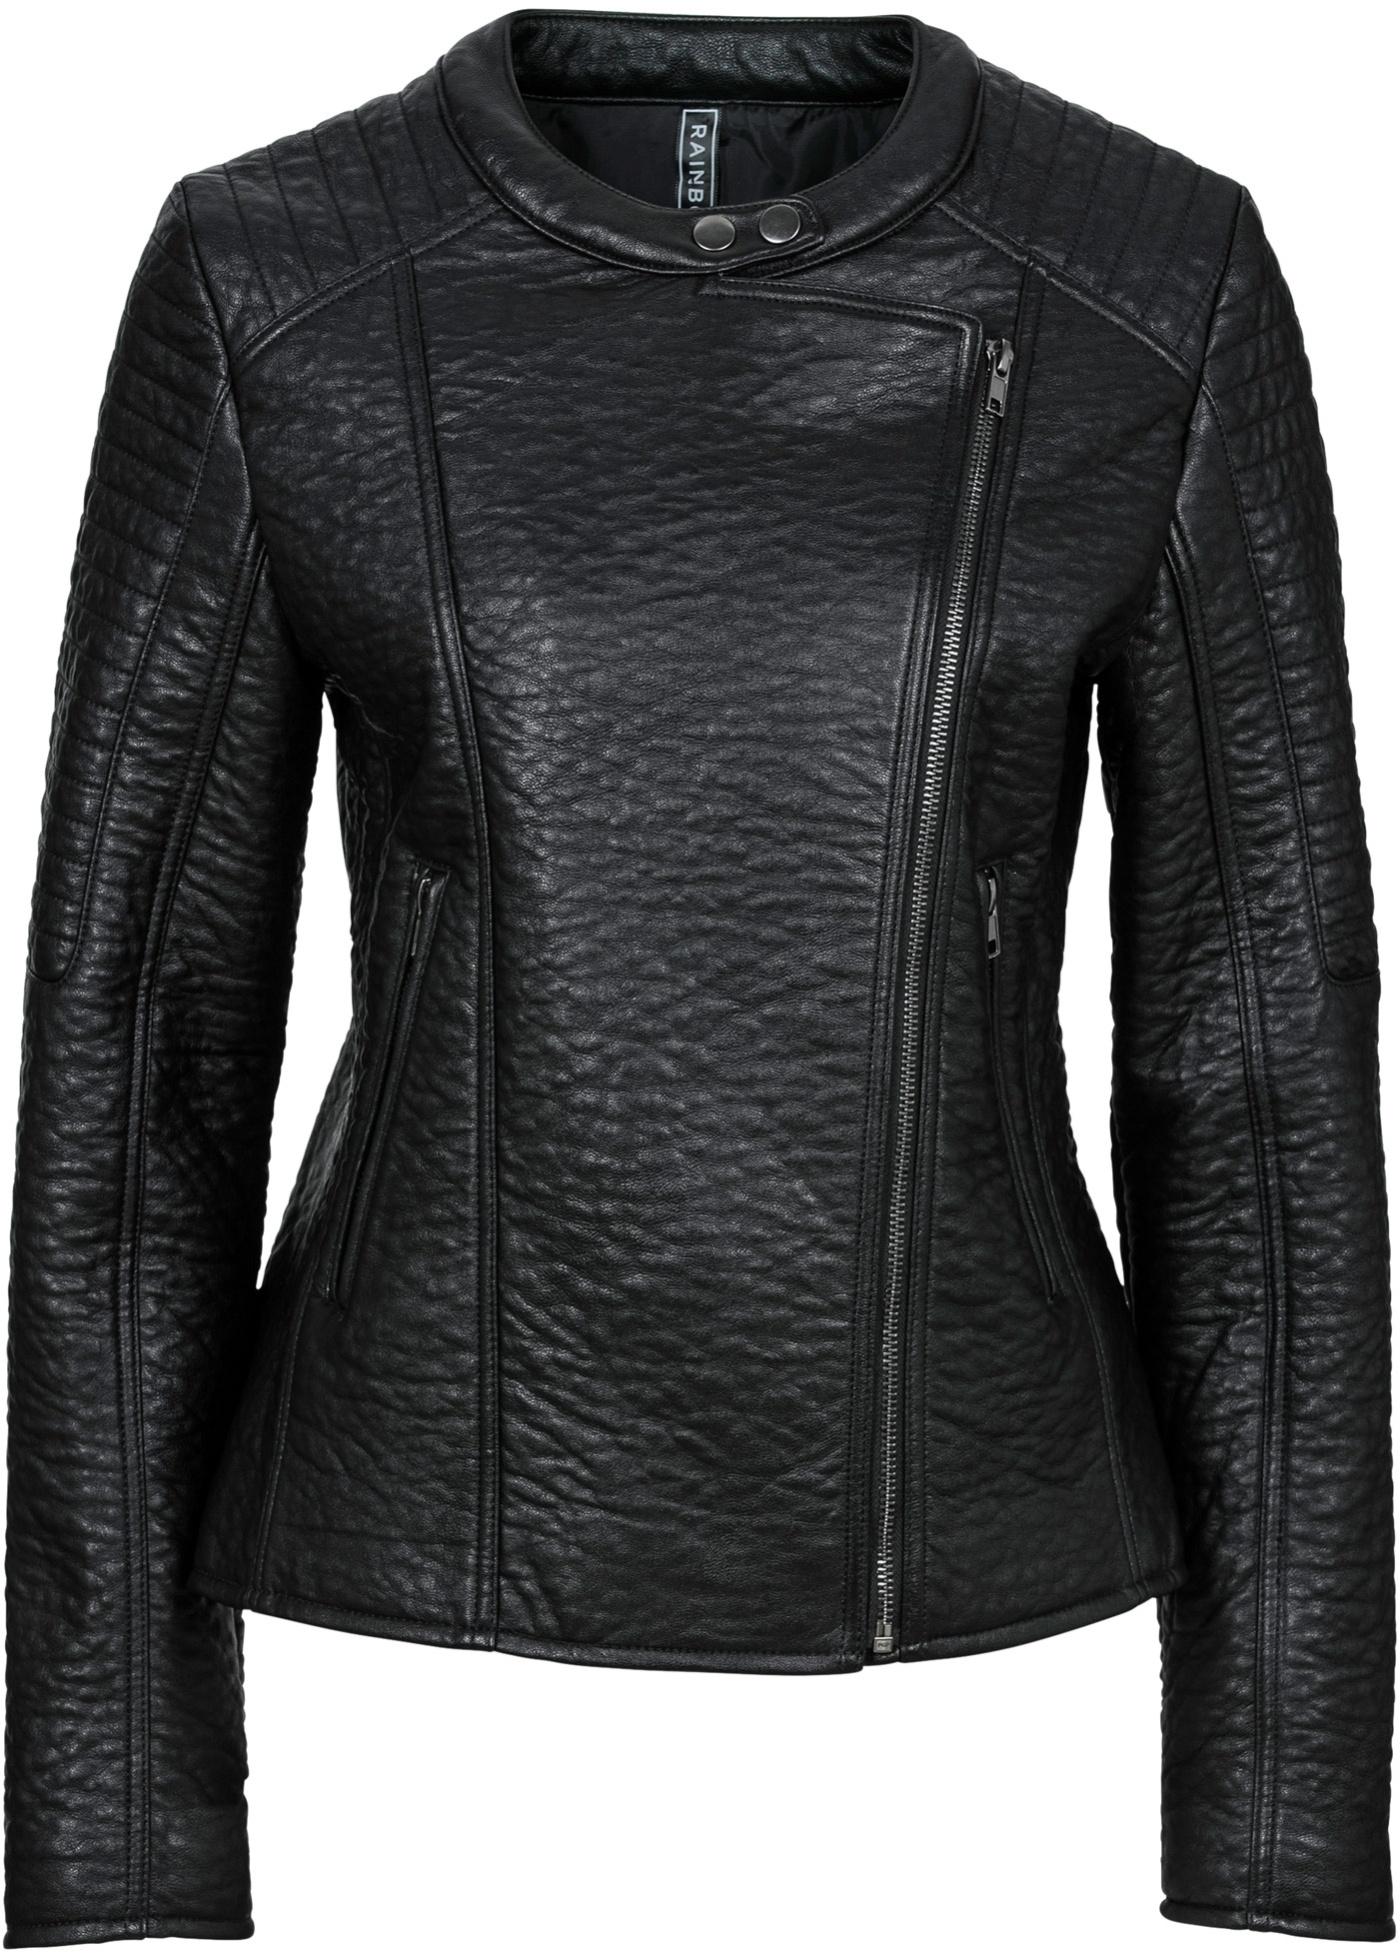 Veste biker synthétique imitation cuir noir...